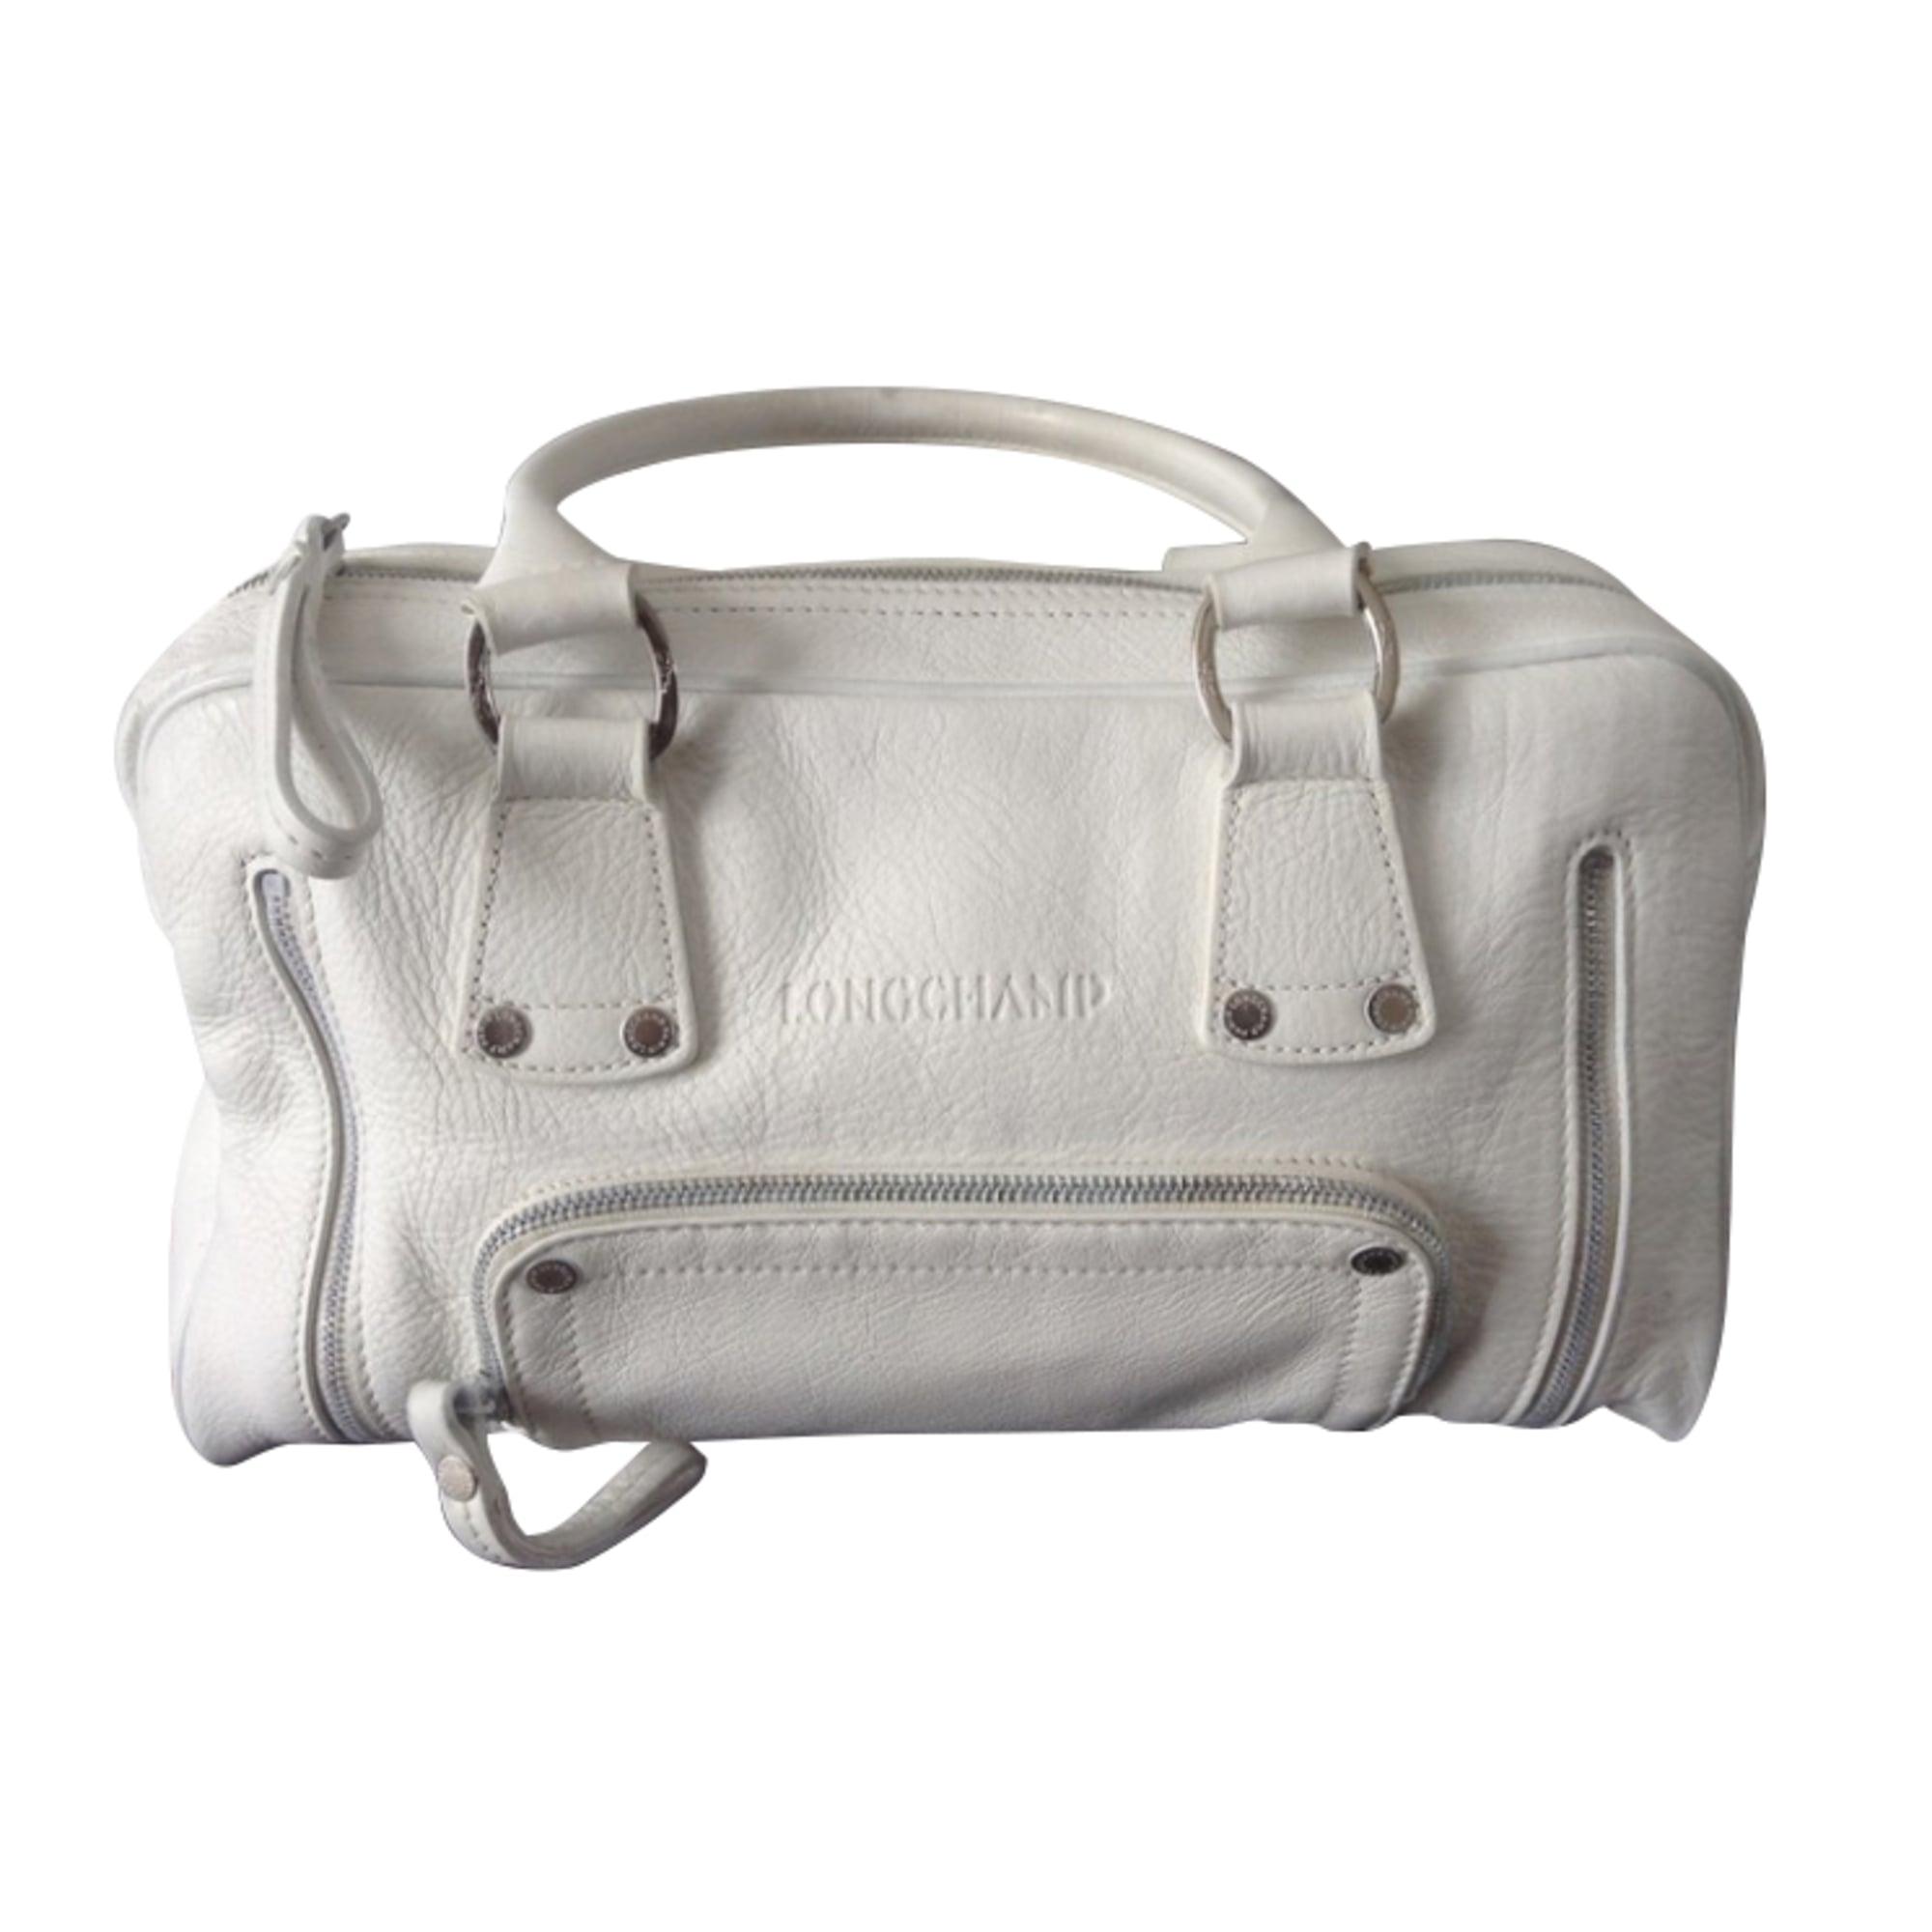 Borsa Longchamp Leroyaumedejade pelle 6341363 in bianca venduta da T6wn8xdnqz